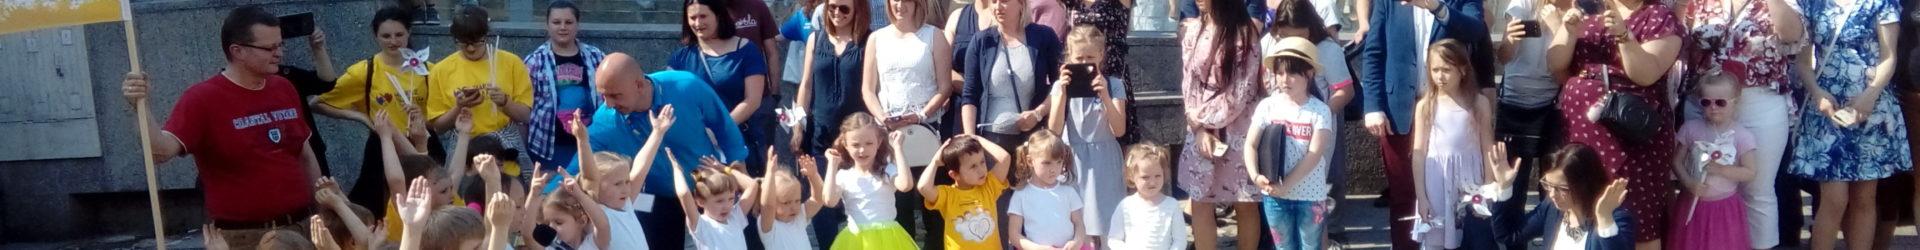 Bielsko-Biała: Marsz dla Życia i Rodziny